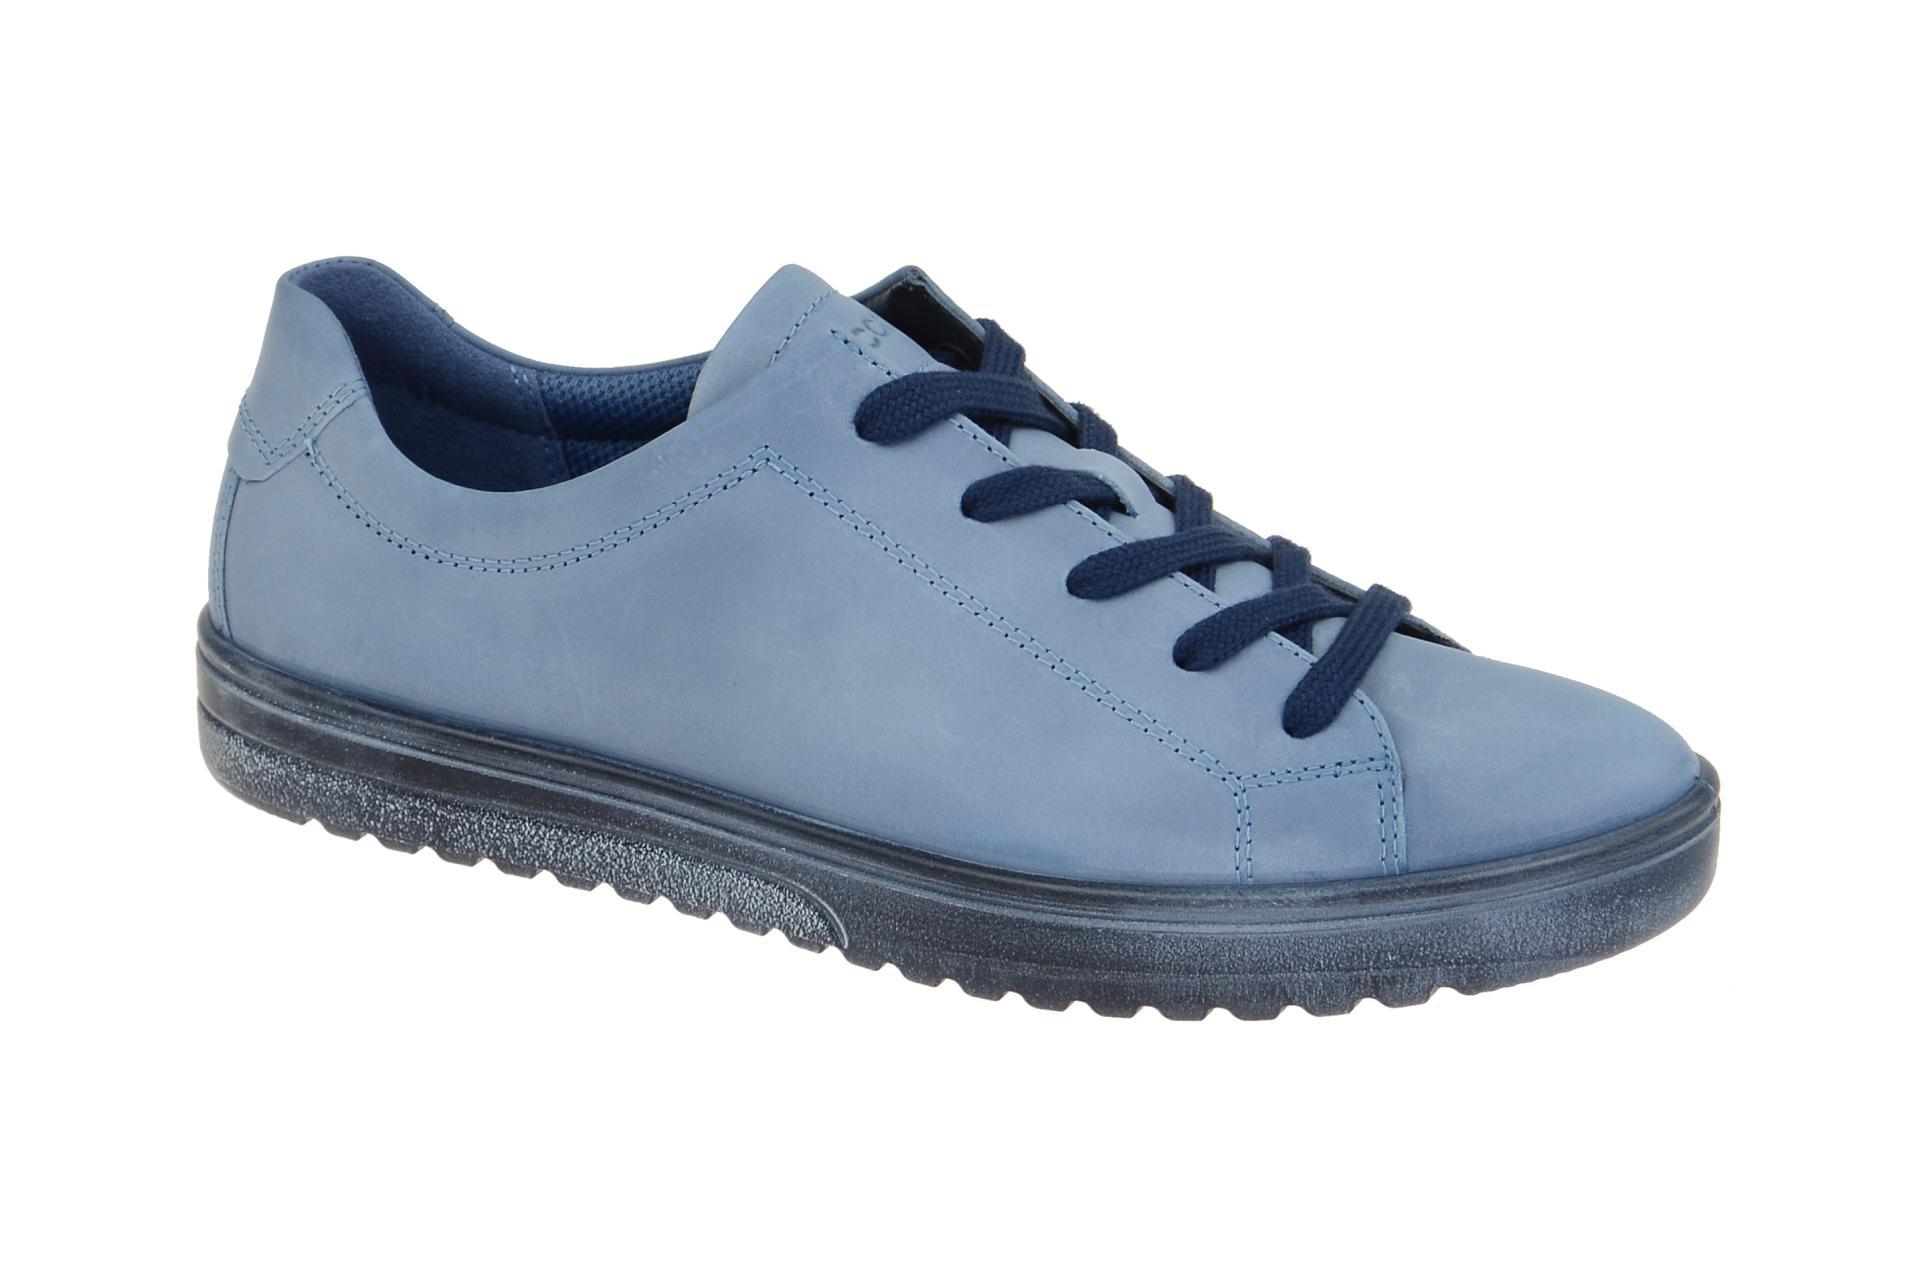 Ecco Fara Schuhe blau retro Sneaker Blau 36 Weiblich Erwachsene 23538302471